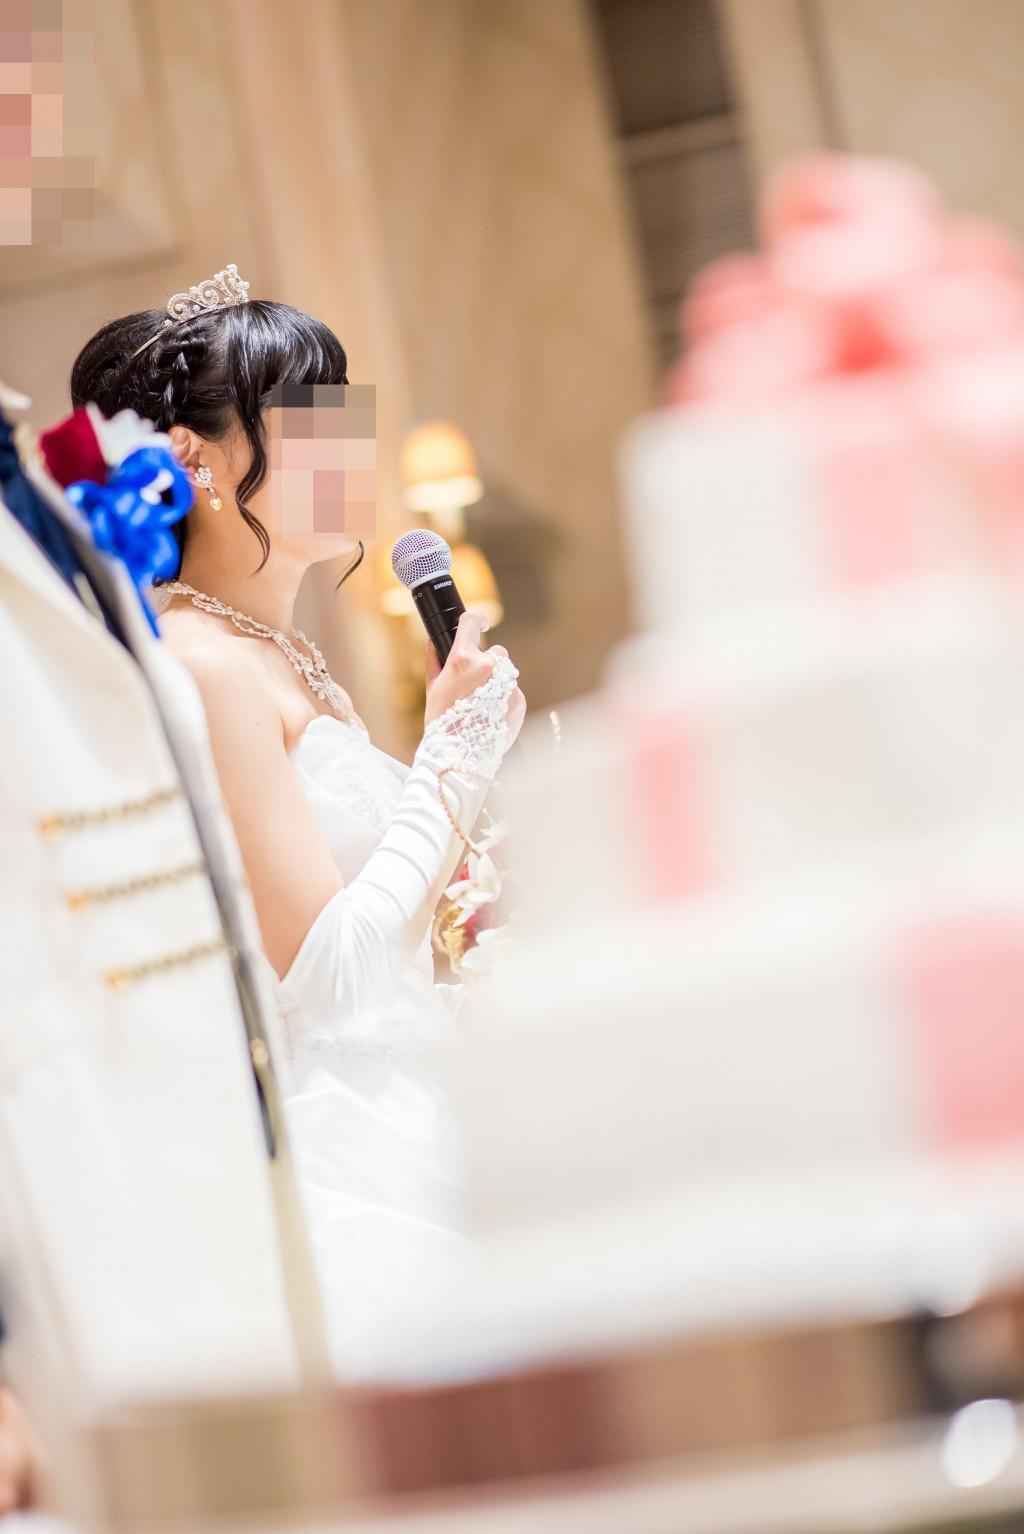 アニヴェルセルみなとみらい横浜 結婚式レポブログ ヴィラスウィート披露宴ウェルカムスピーチ、新郎新婦プロフィール紹介